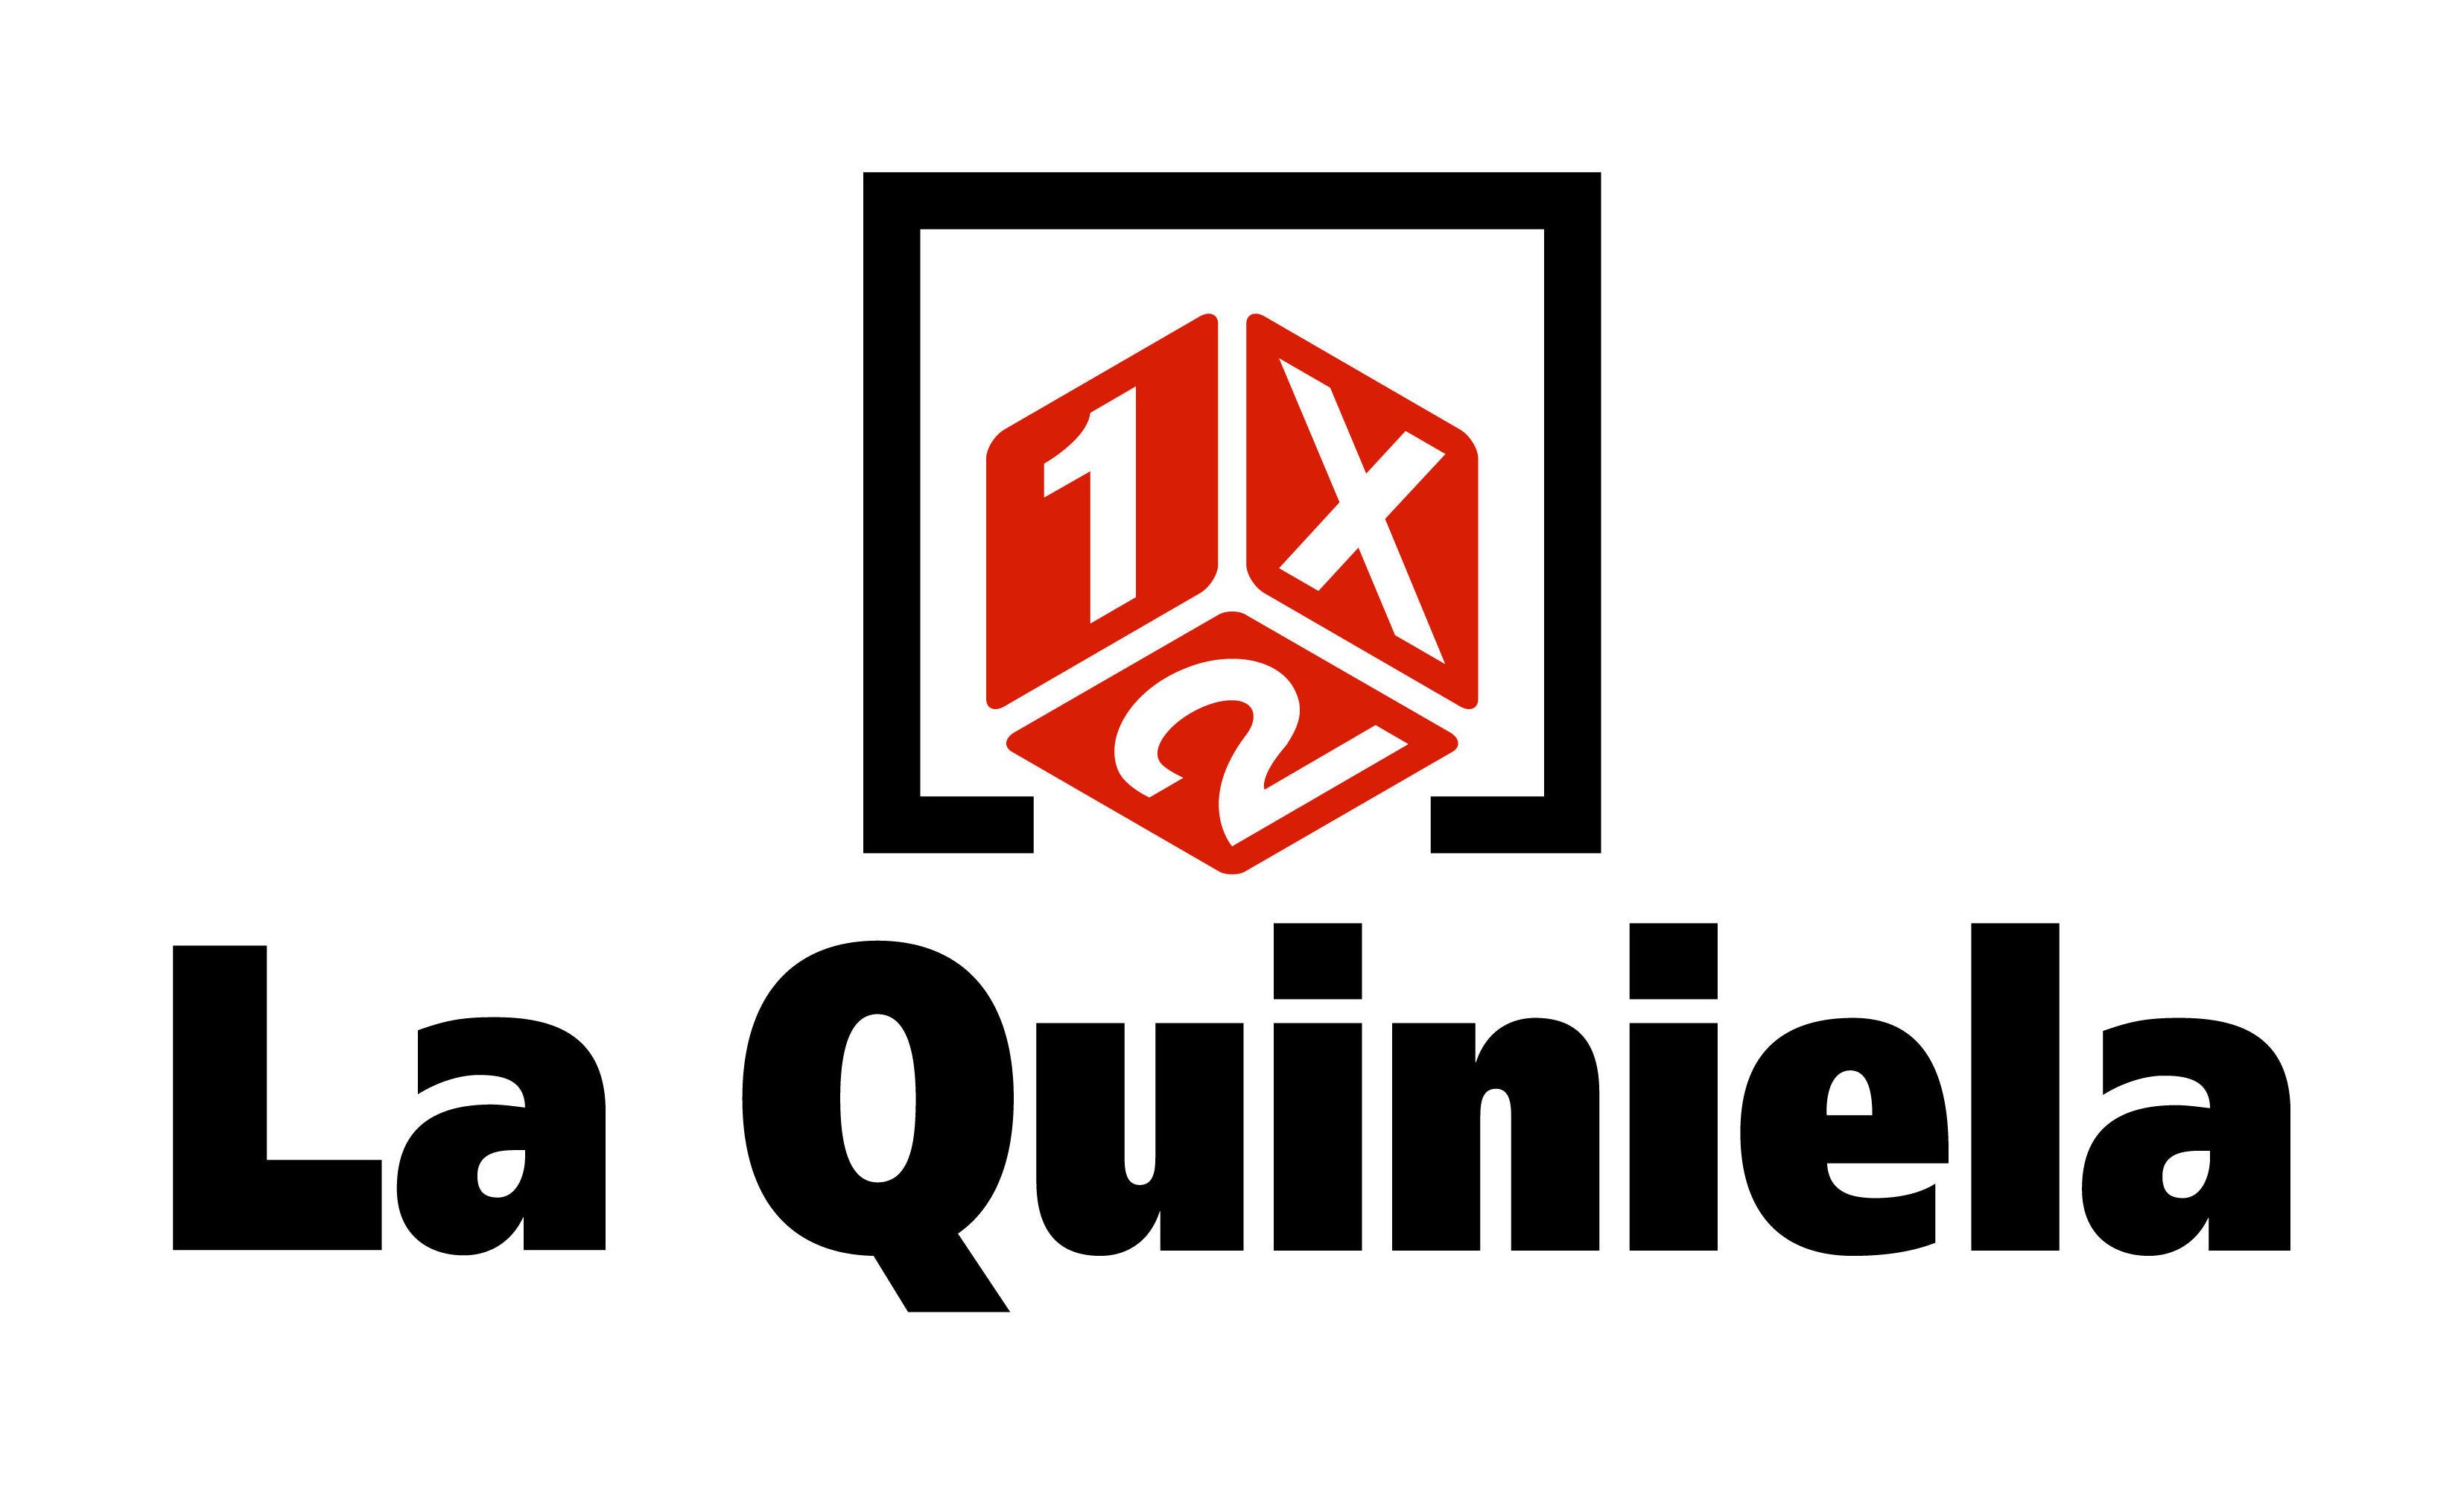 Quiniela: Productos y servicios   de Expendeduría Nº 1 - Erroka Castrillejo Gabilondo